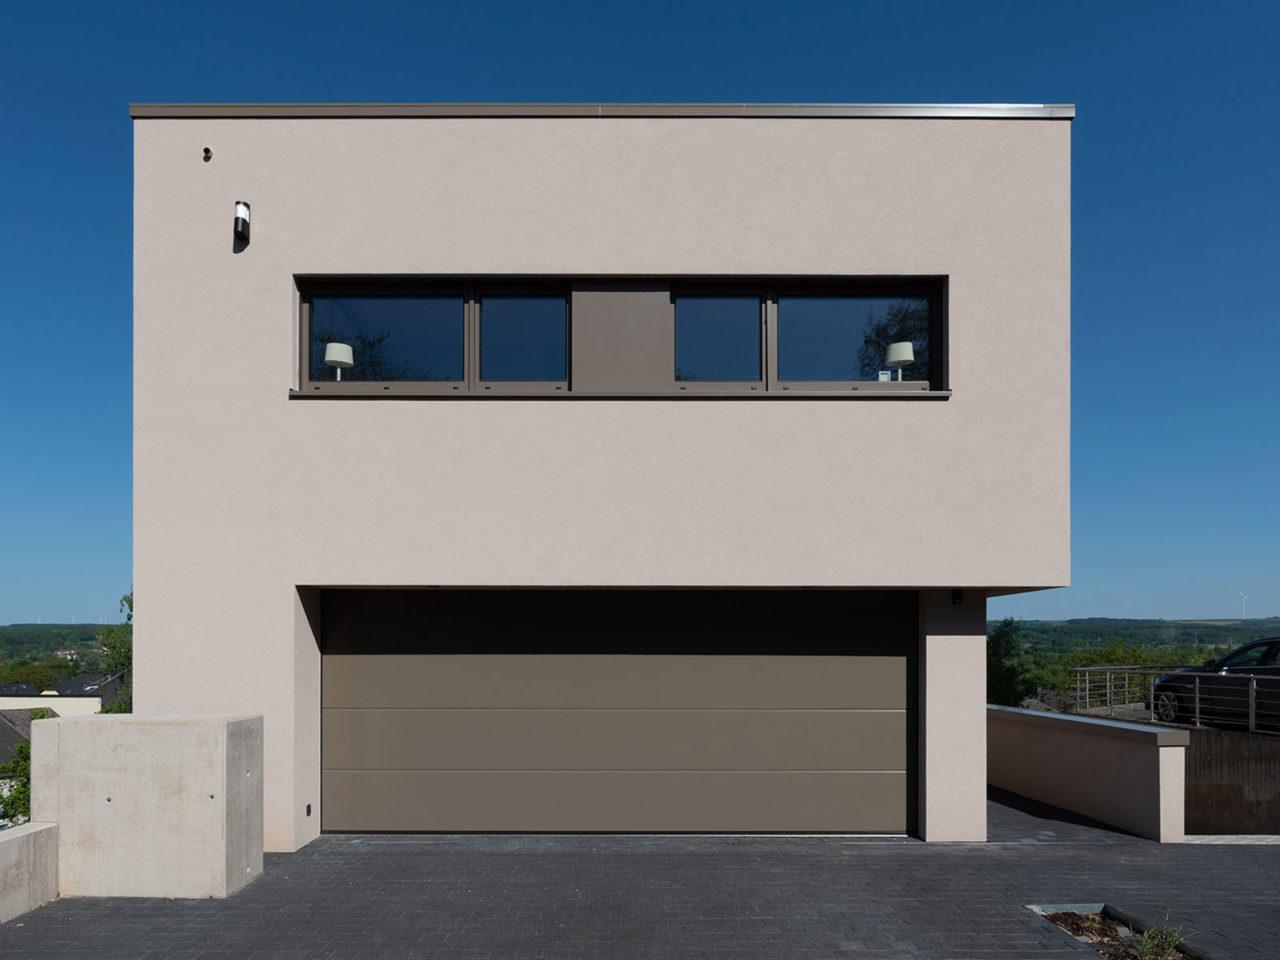 Maison à Bech-Kleinmacher (Schengen) - Atelier 2